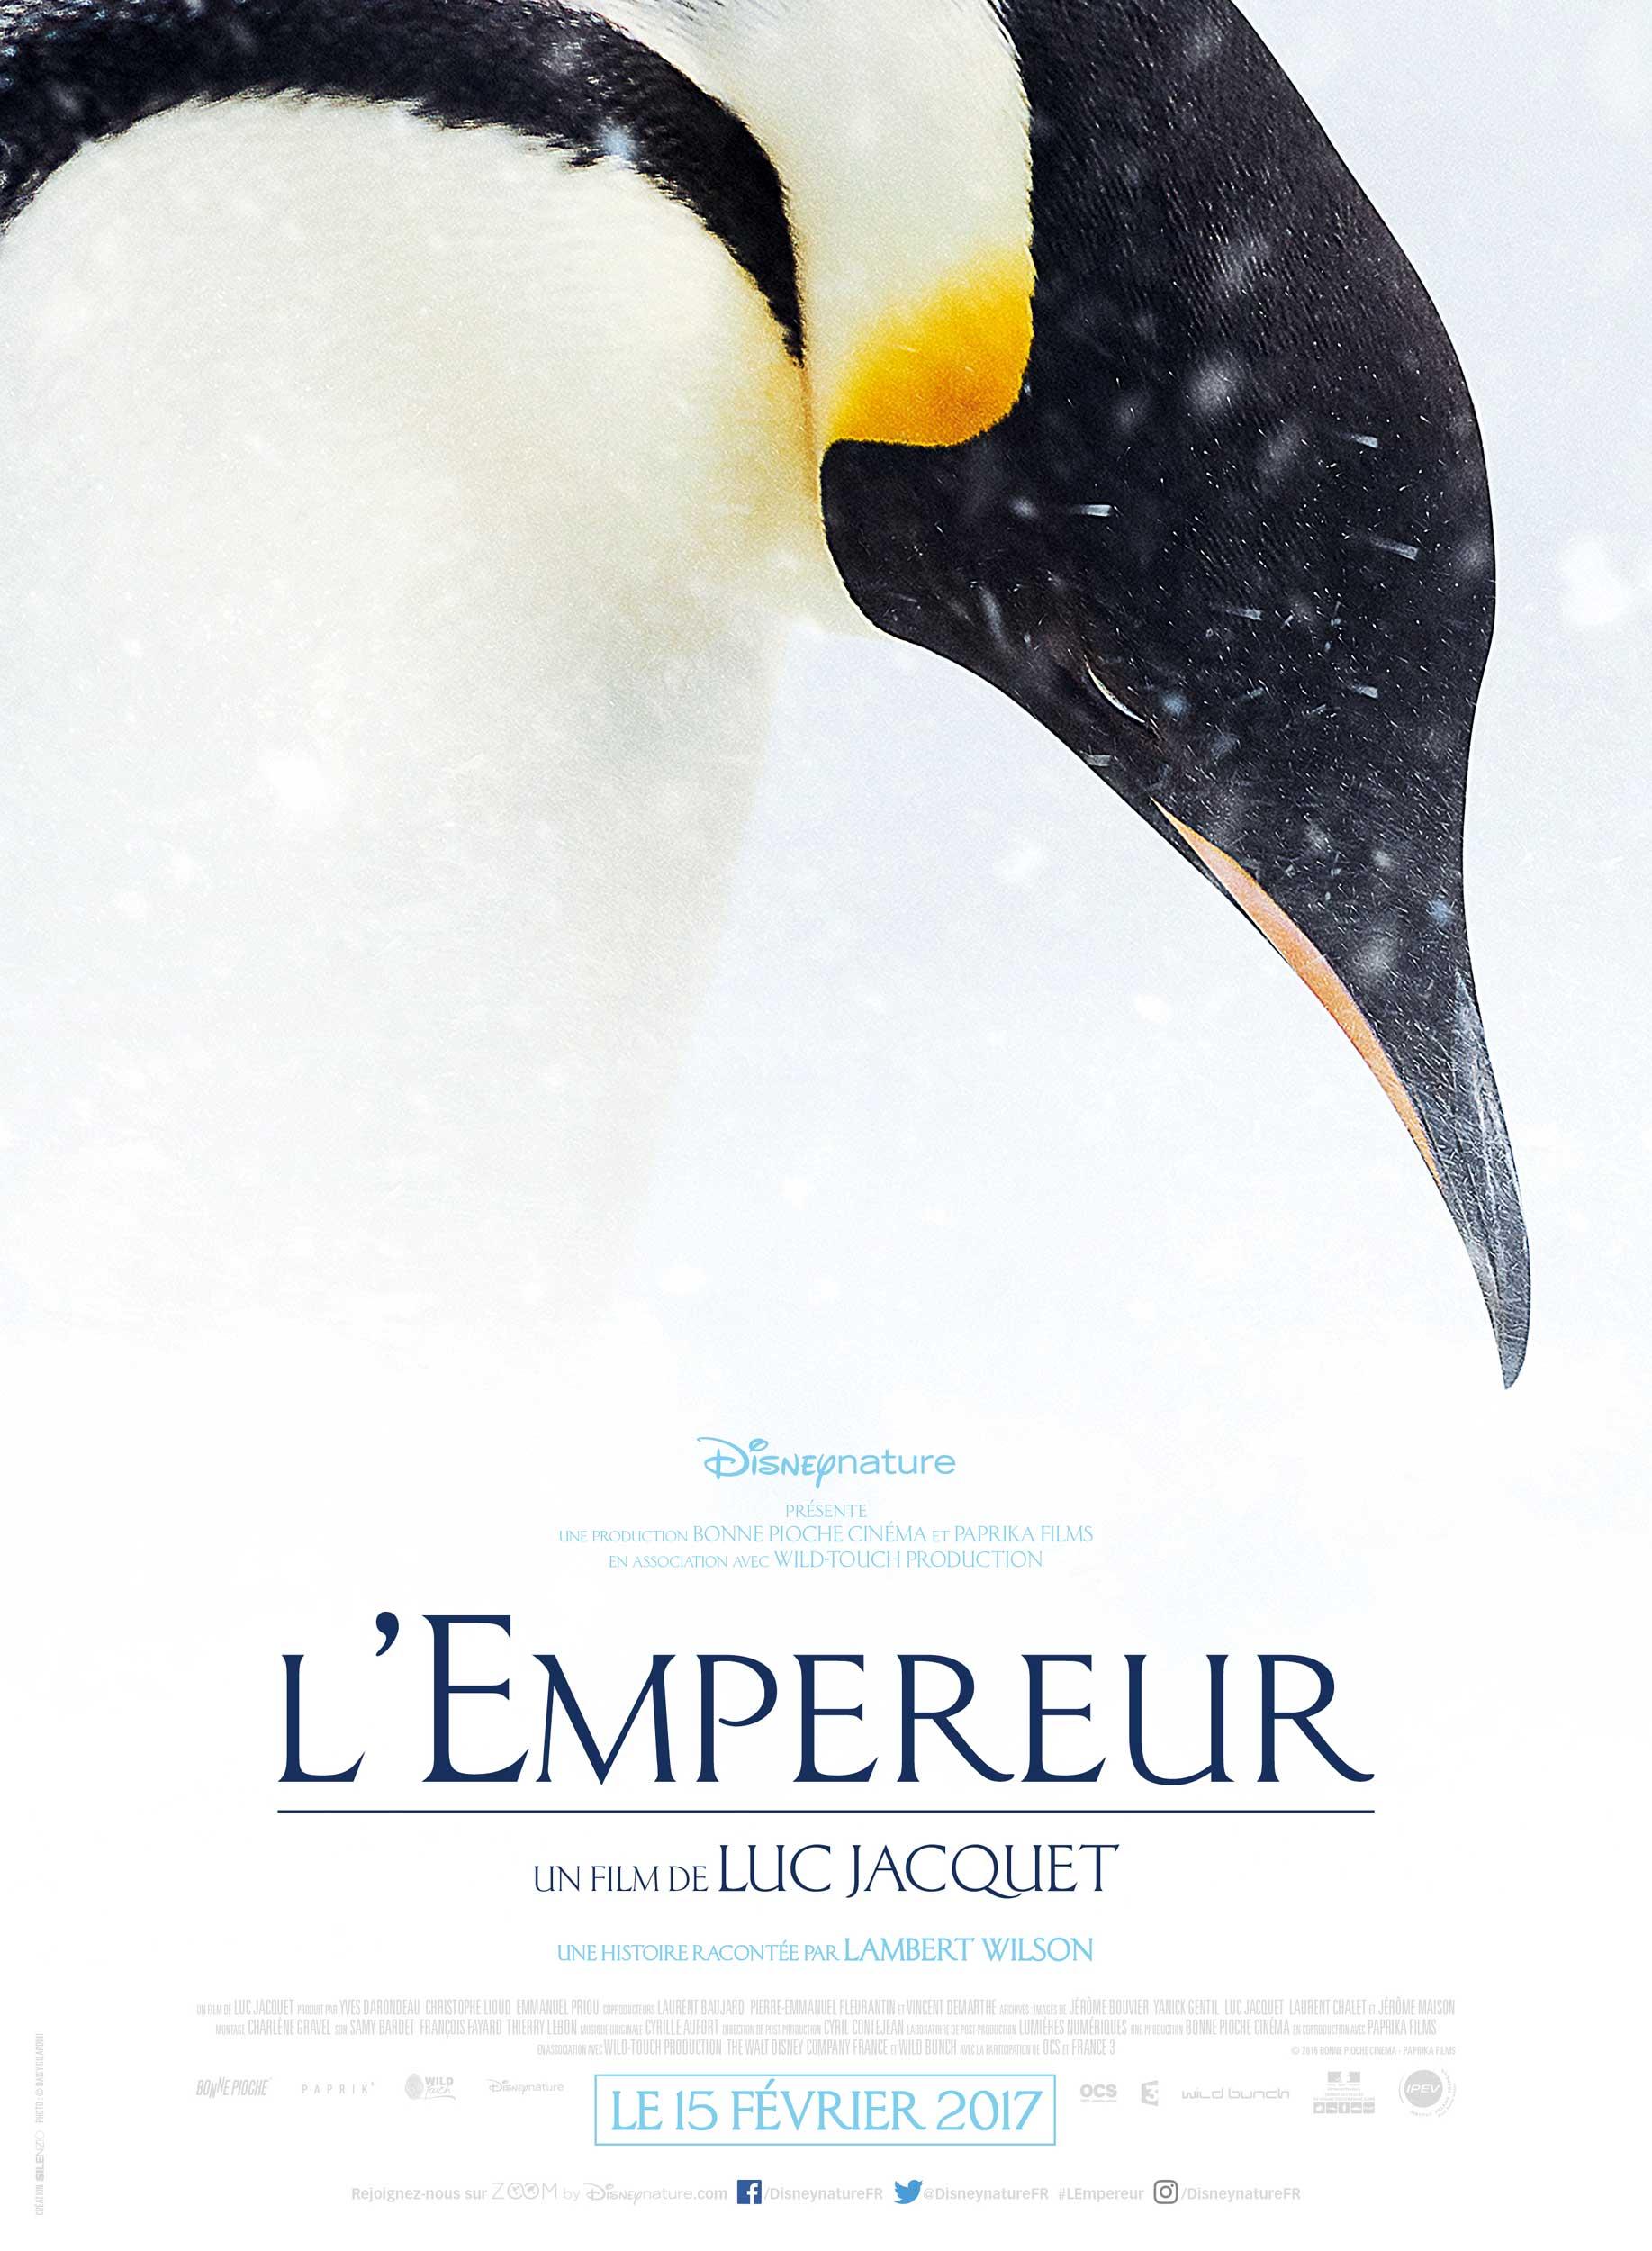 affiche poster l'empereur disneynature